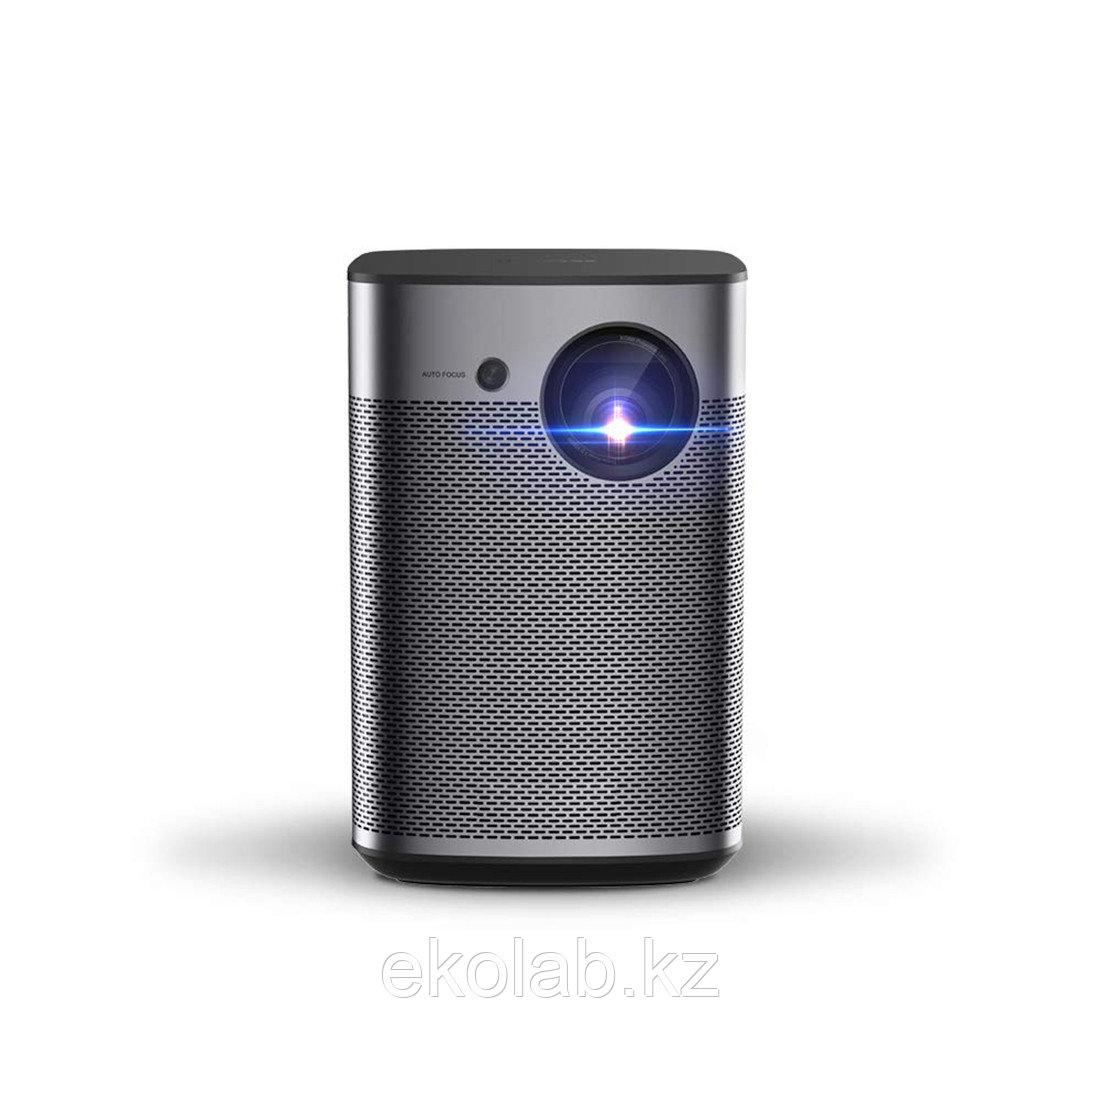 Проектор портативный XGIMI HALO